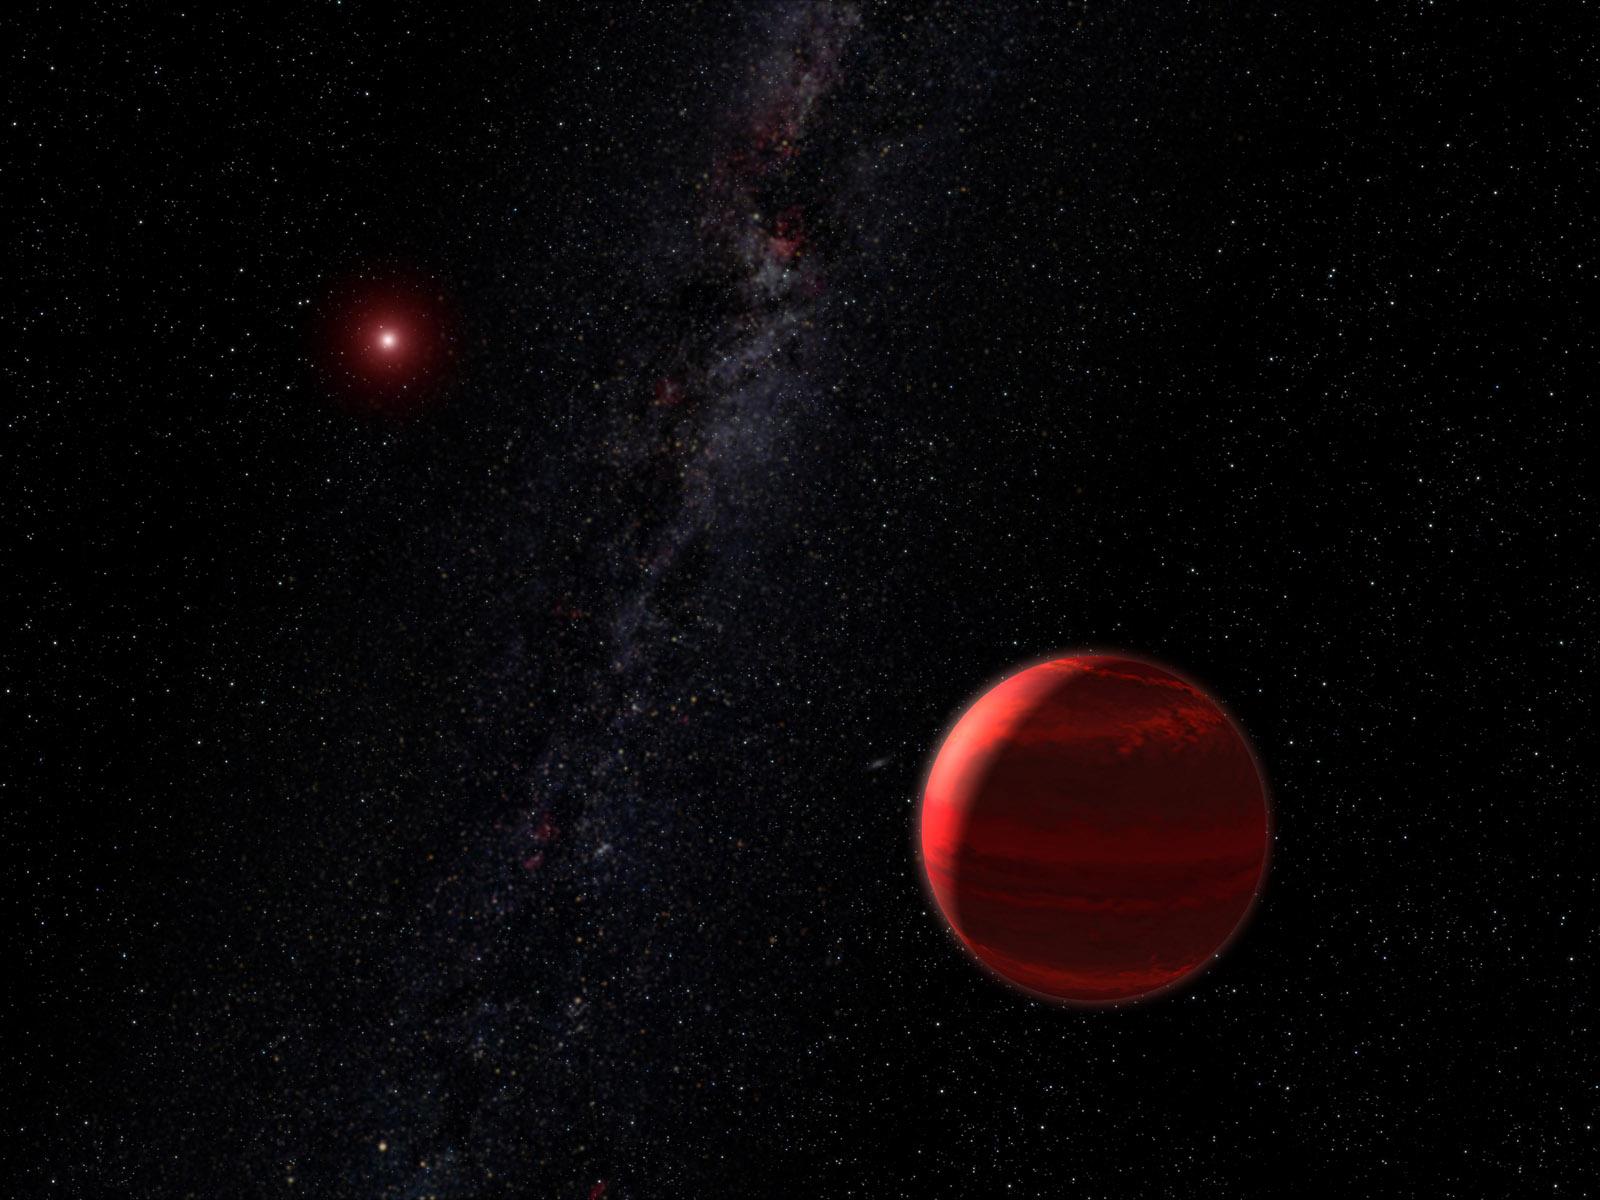 krasniy carlik 1 - Самая маленькая звезда во Вселенной